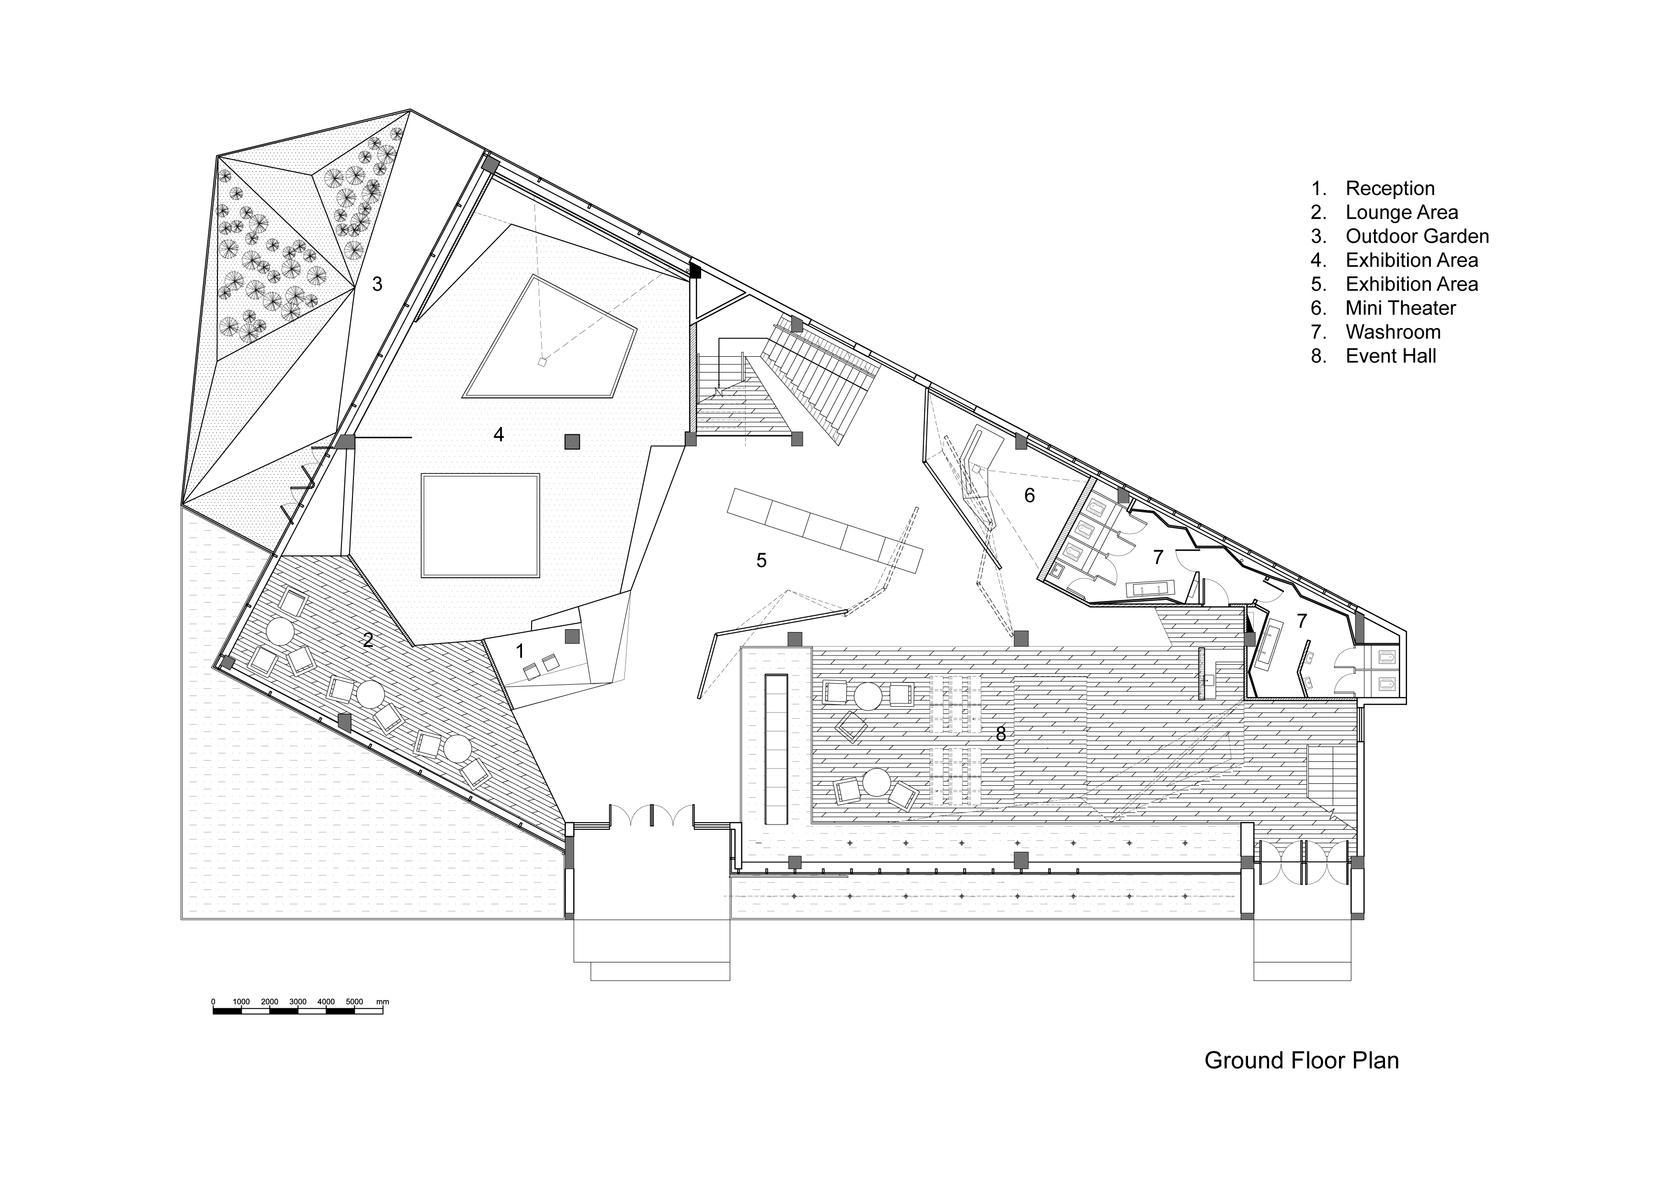 艺术馆咖啡厅 设计图